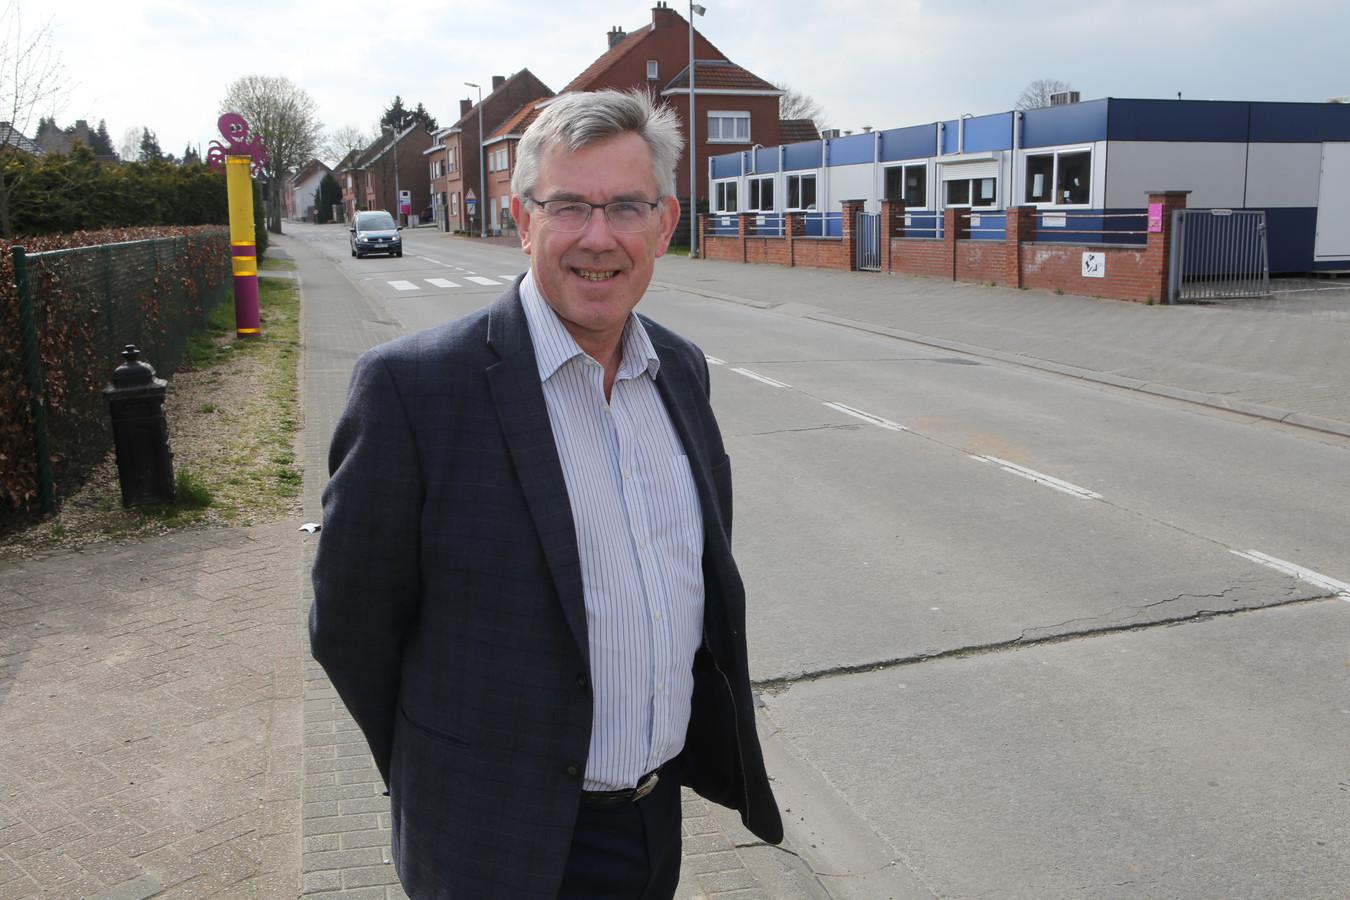 Burgemeester Chris Vervliet wil een actief wetenschapsbeleid voeren.